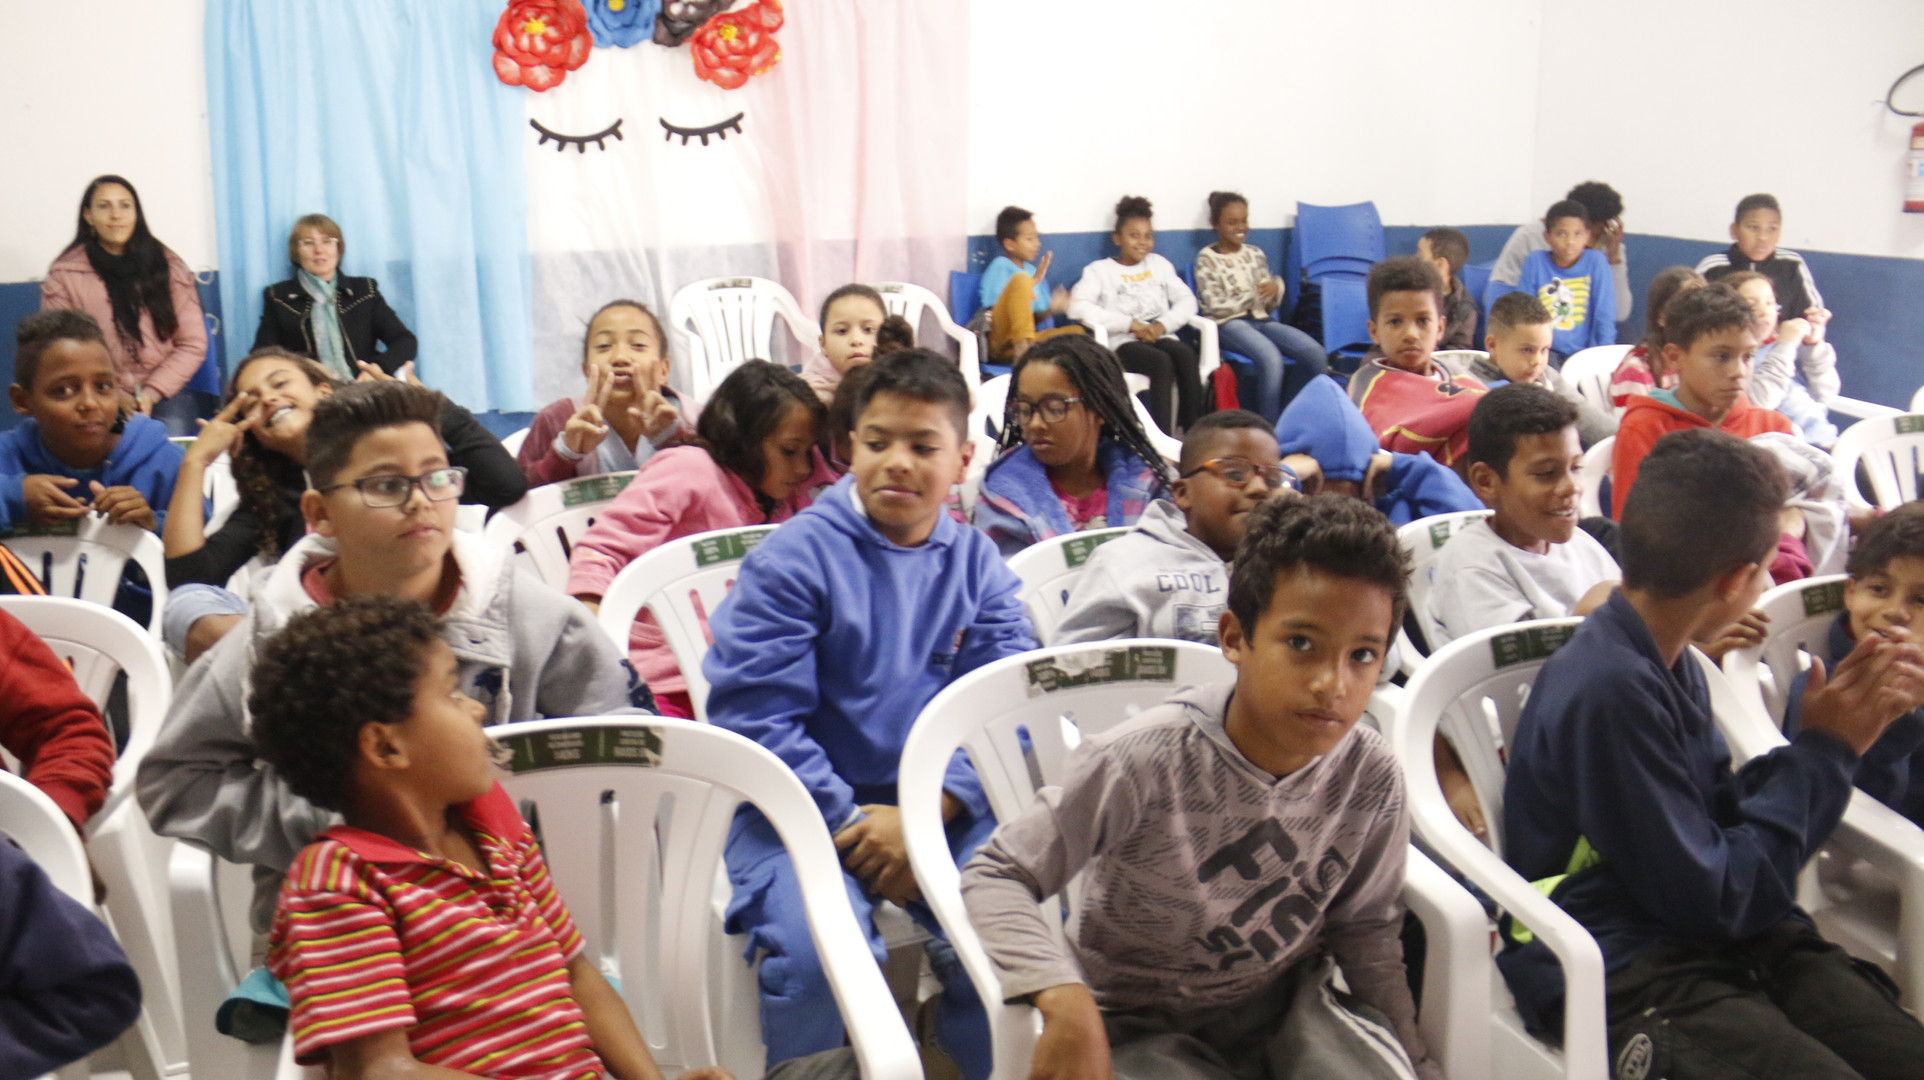 Os alunos do CCA nova união assistindo uma peça de teatro feito pela Unimed.